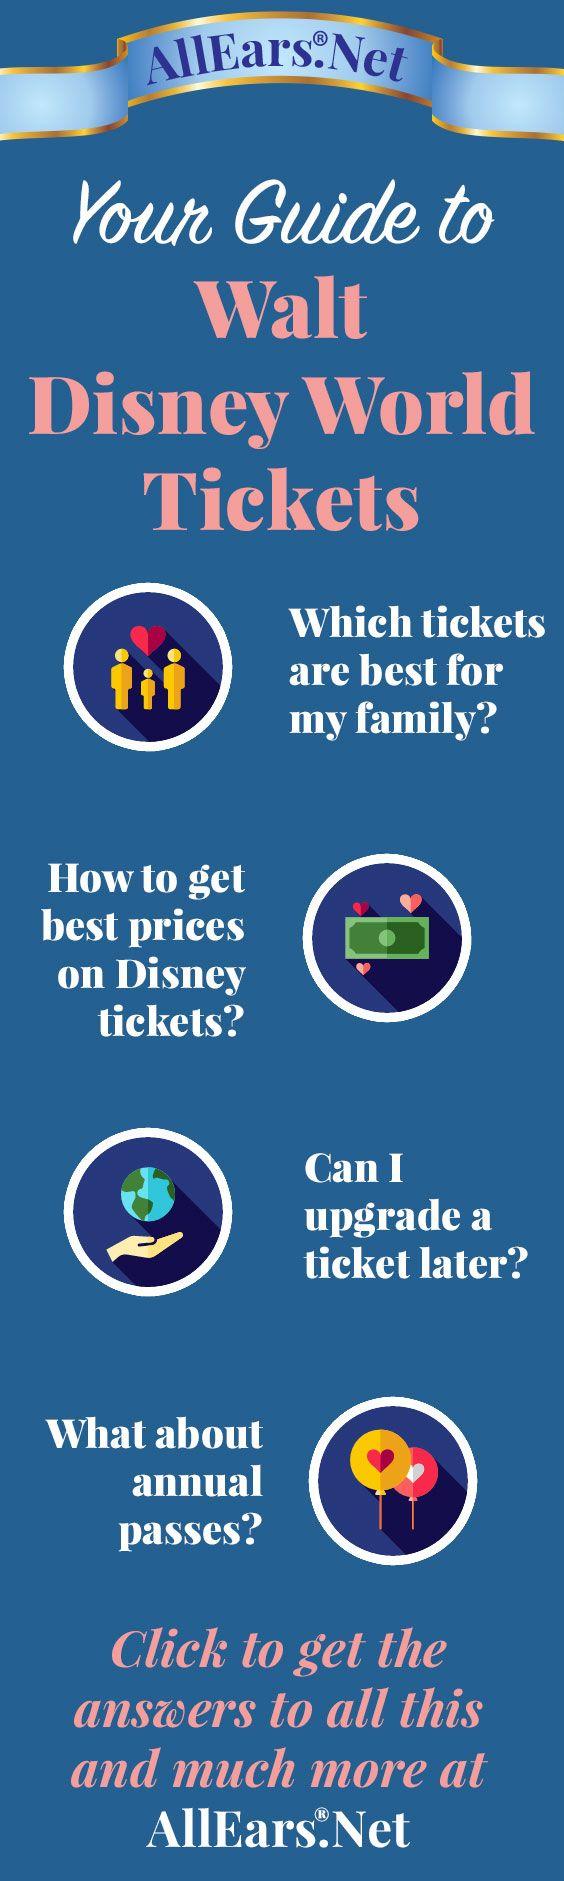 Your Guide to Walt Disney World Tickets   AllEars.net   AllEars.net